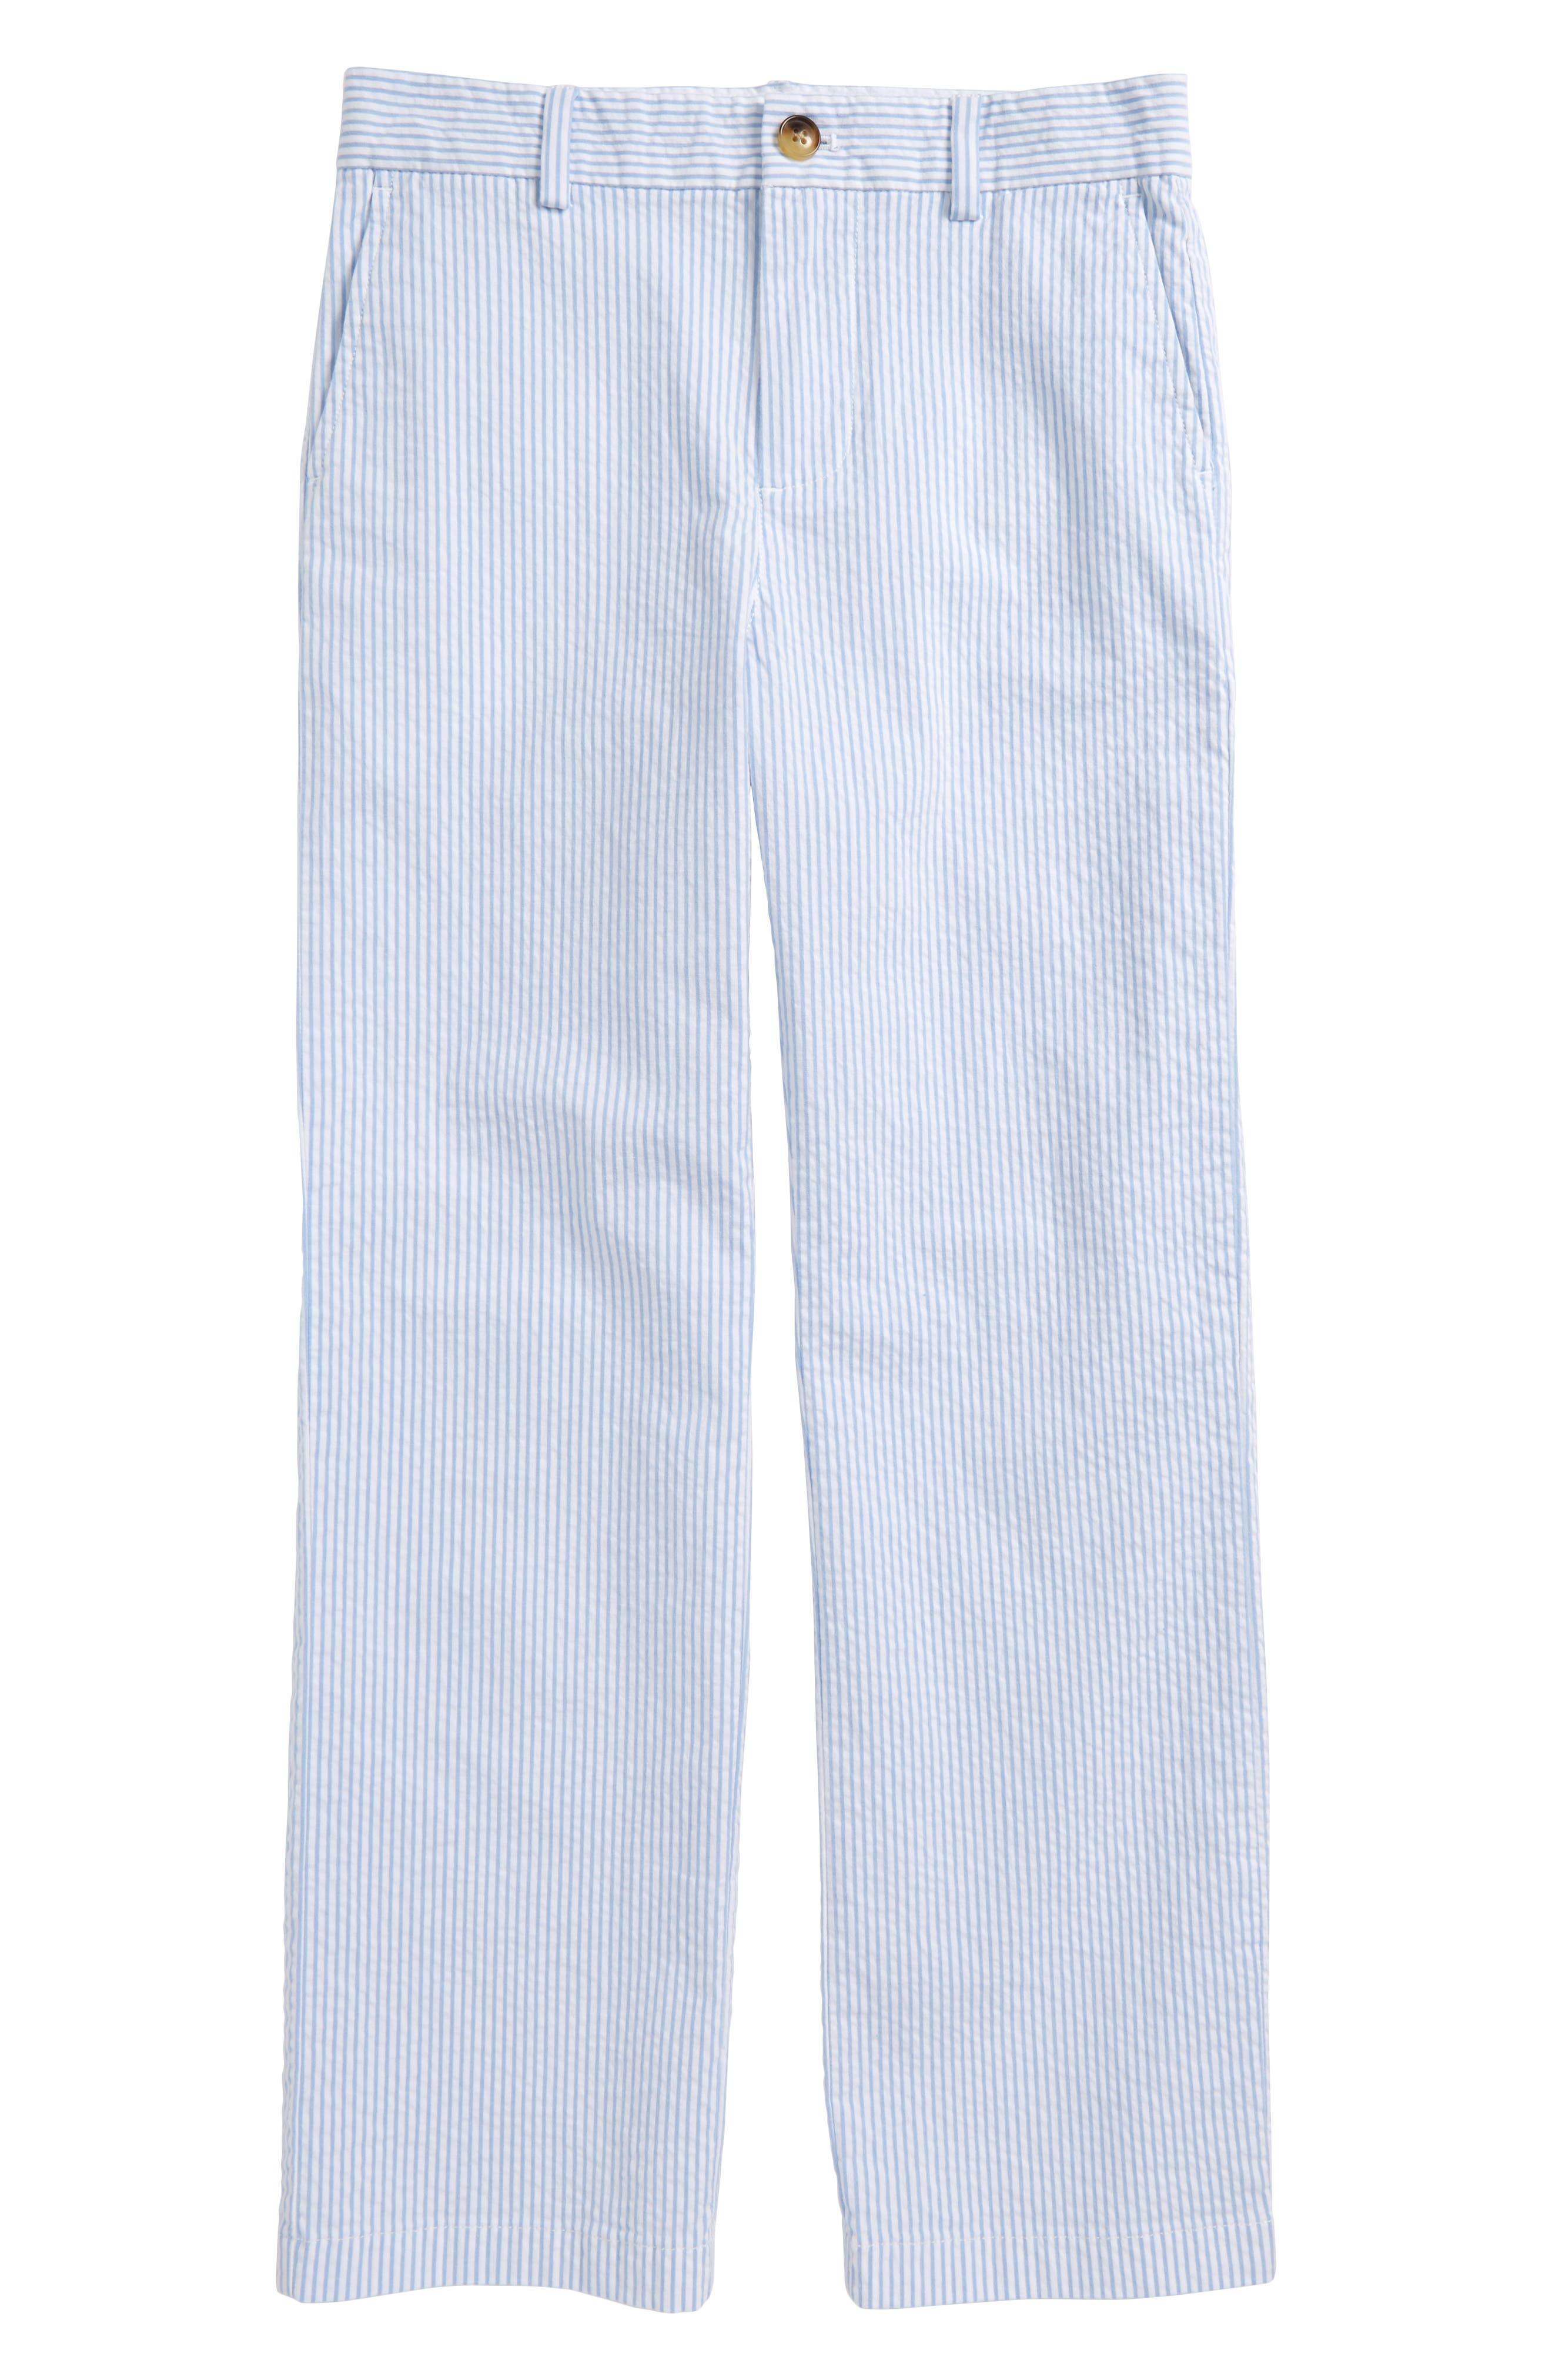 Seersucker Stripe Breaker Pants,                         Main,                         color, Ocean Breeze